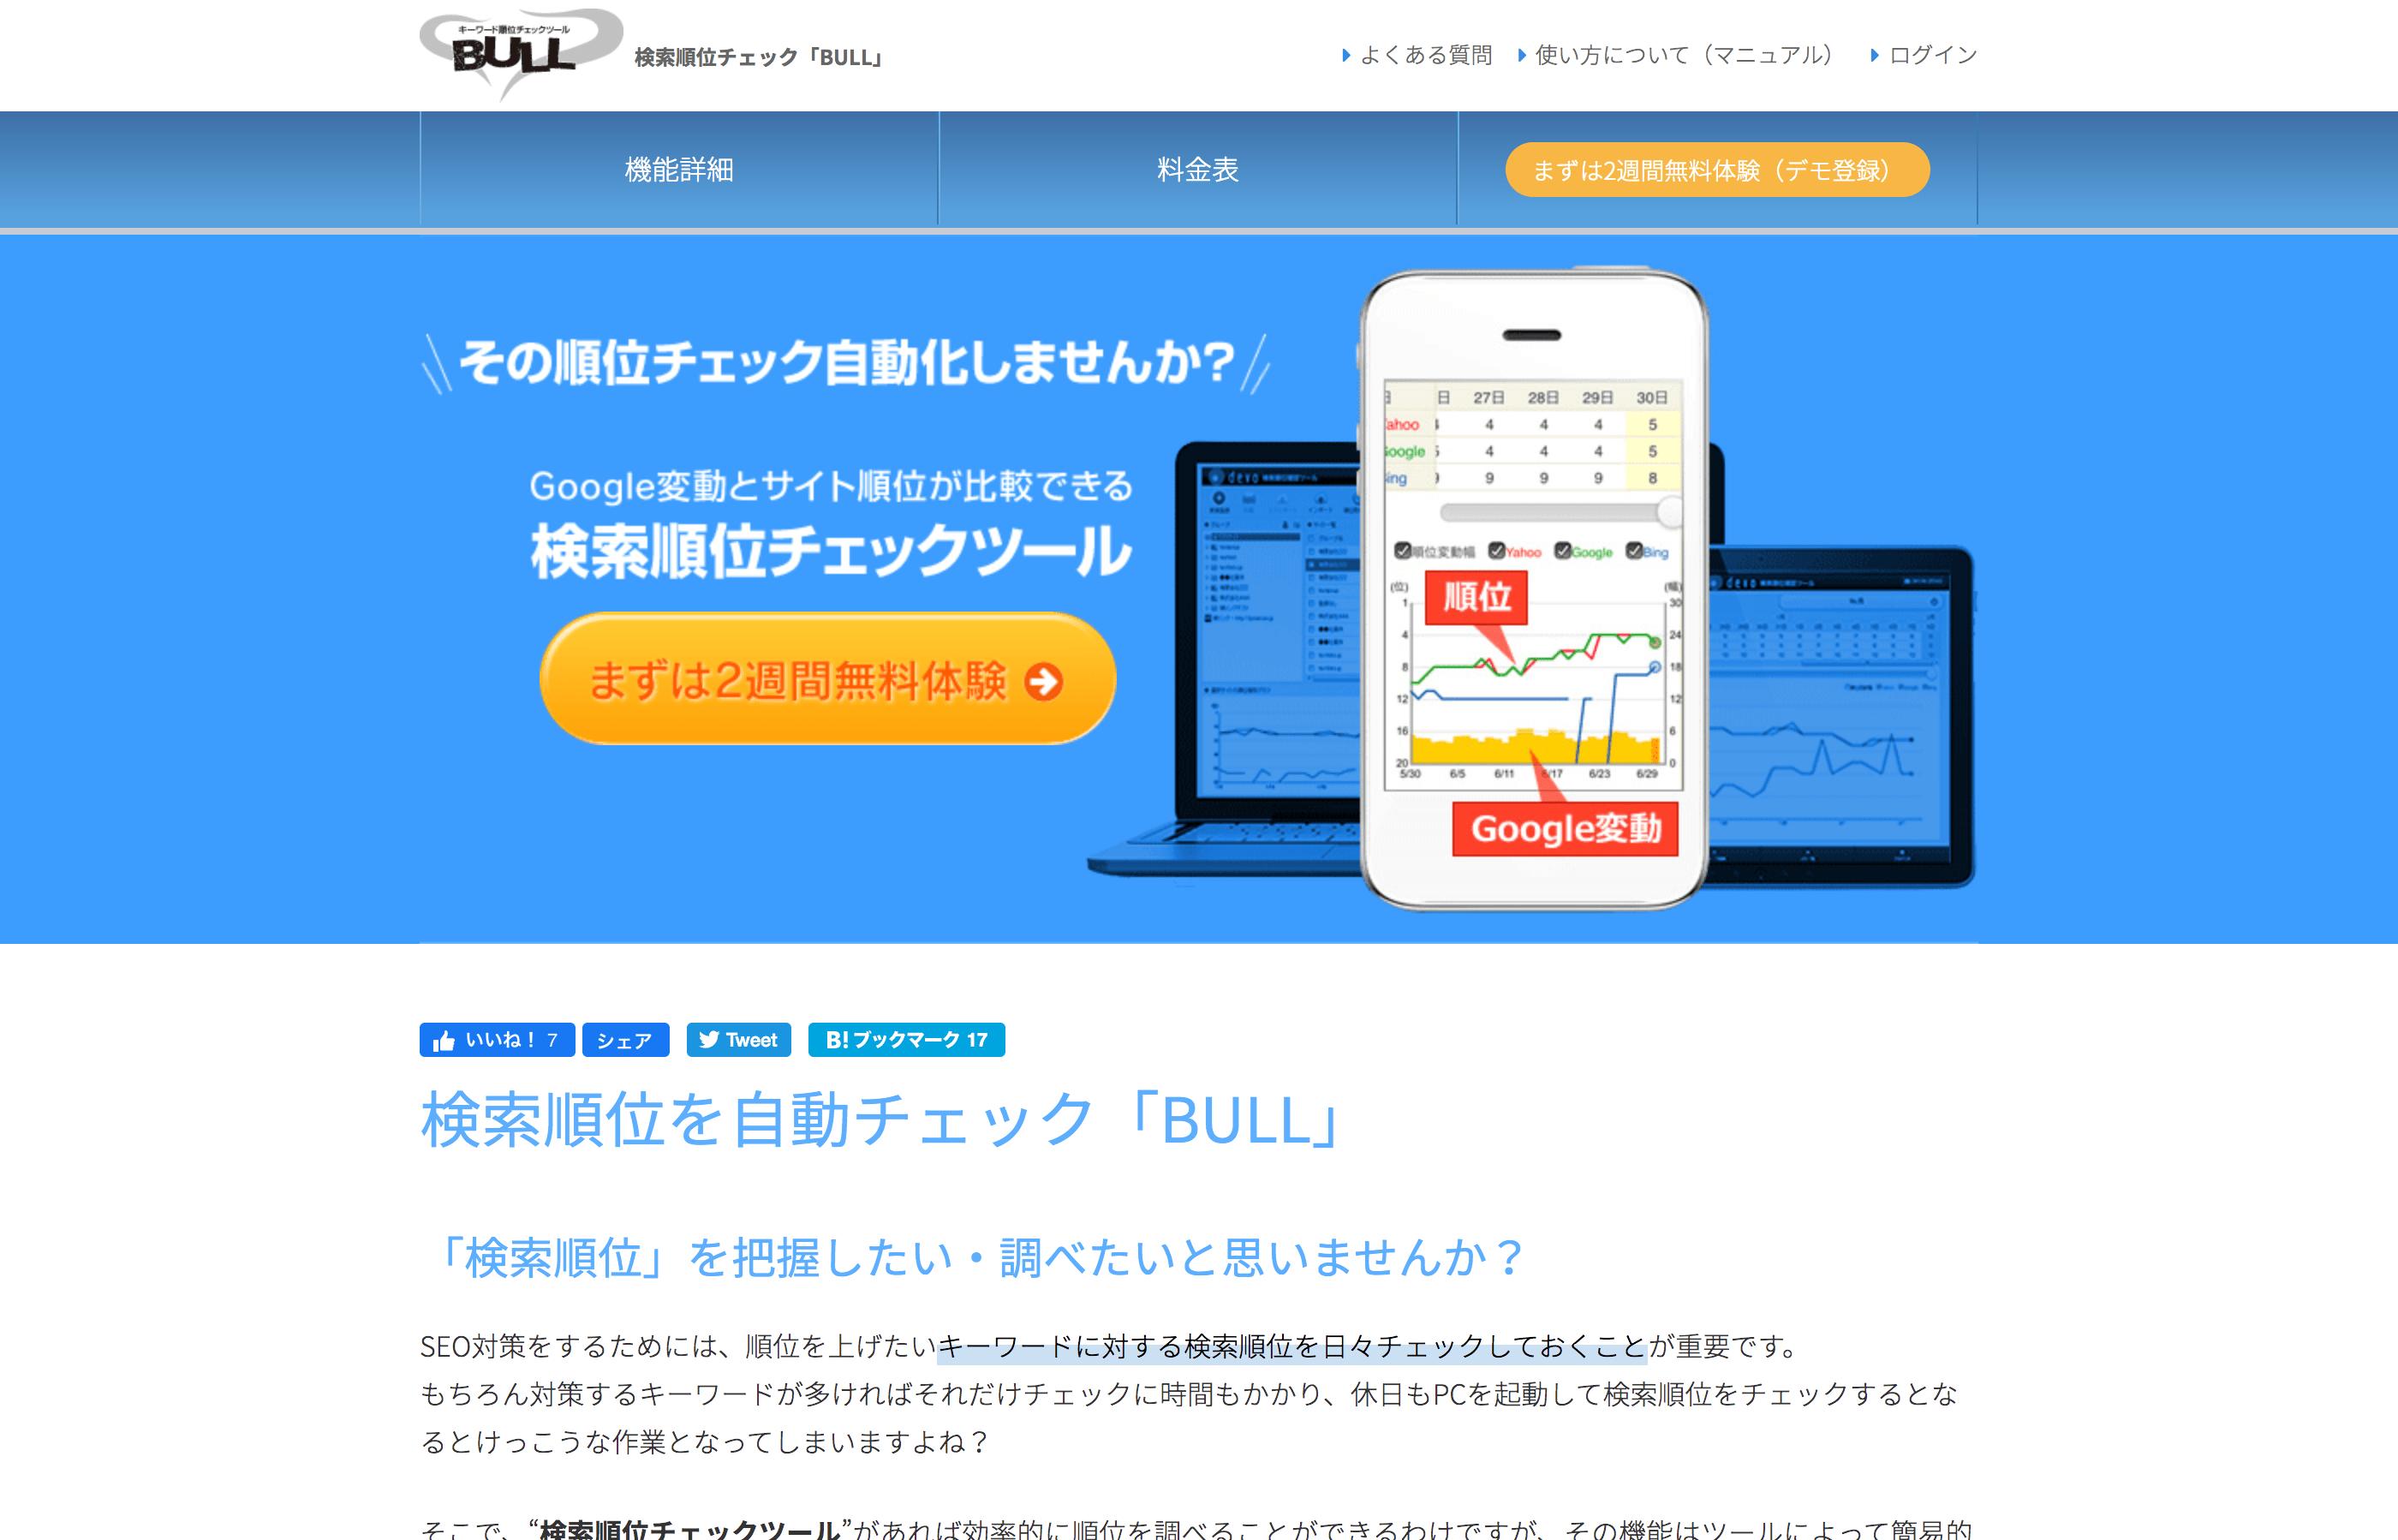 検索順位チェックツール)BULL